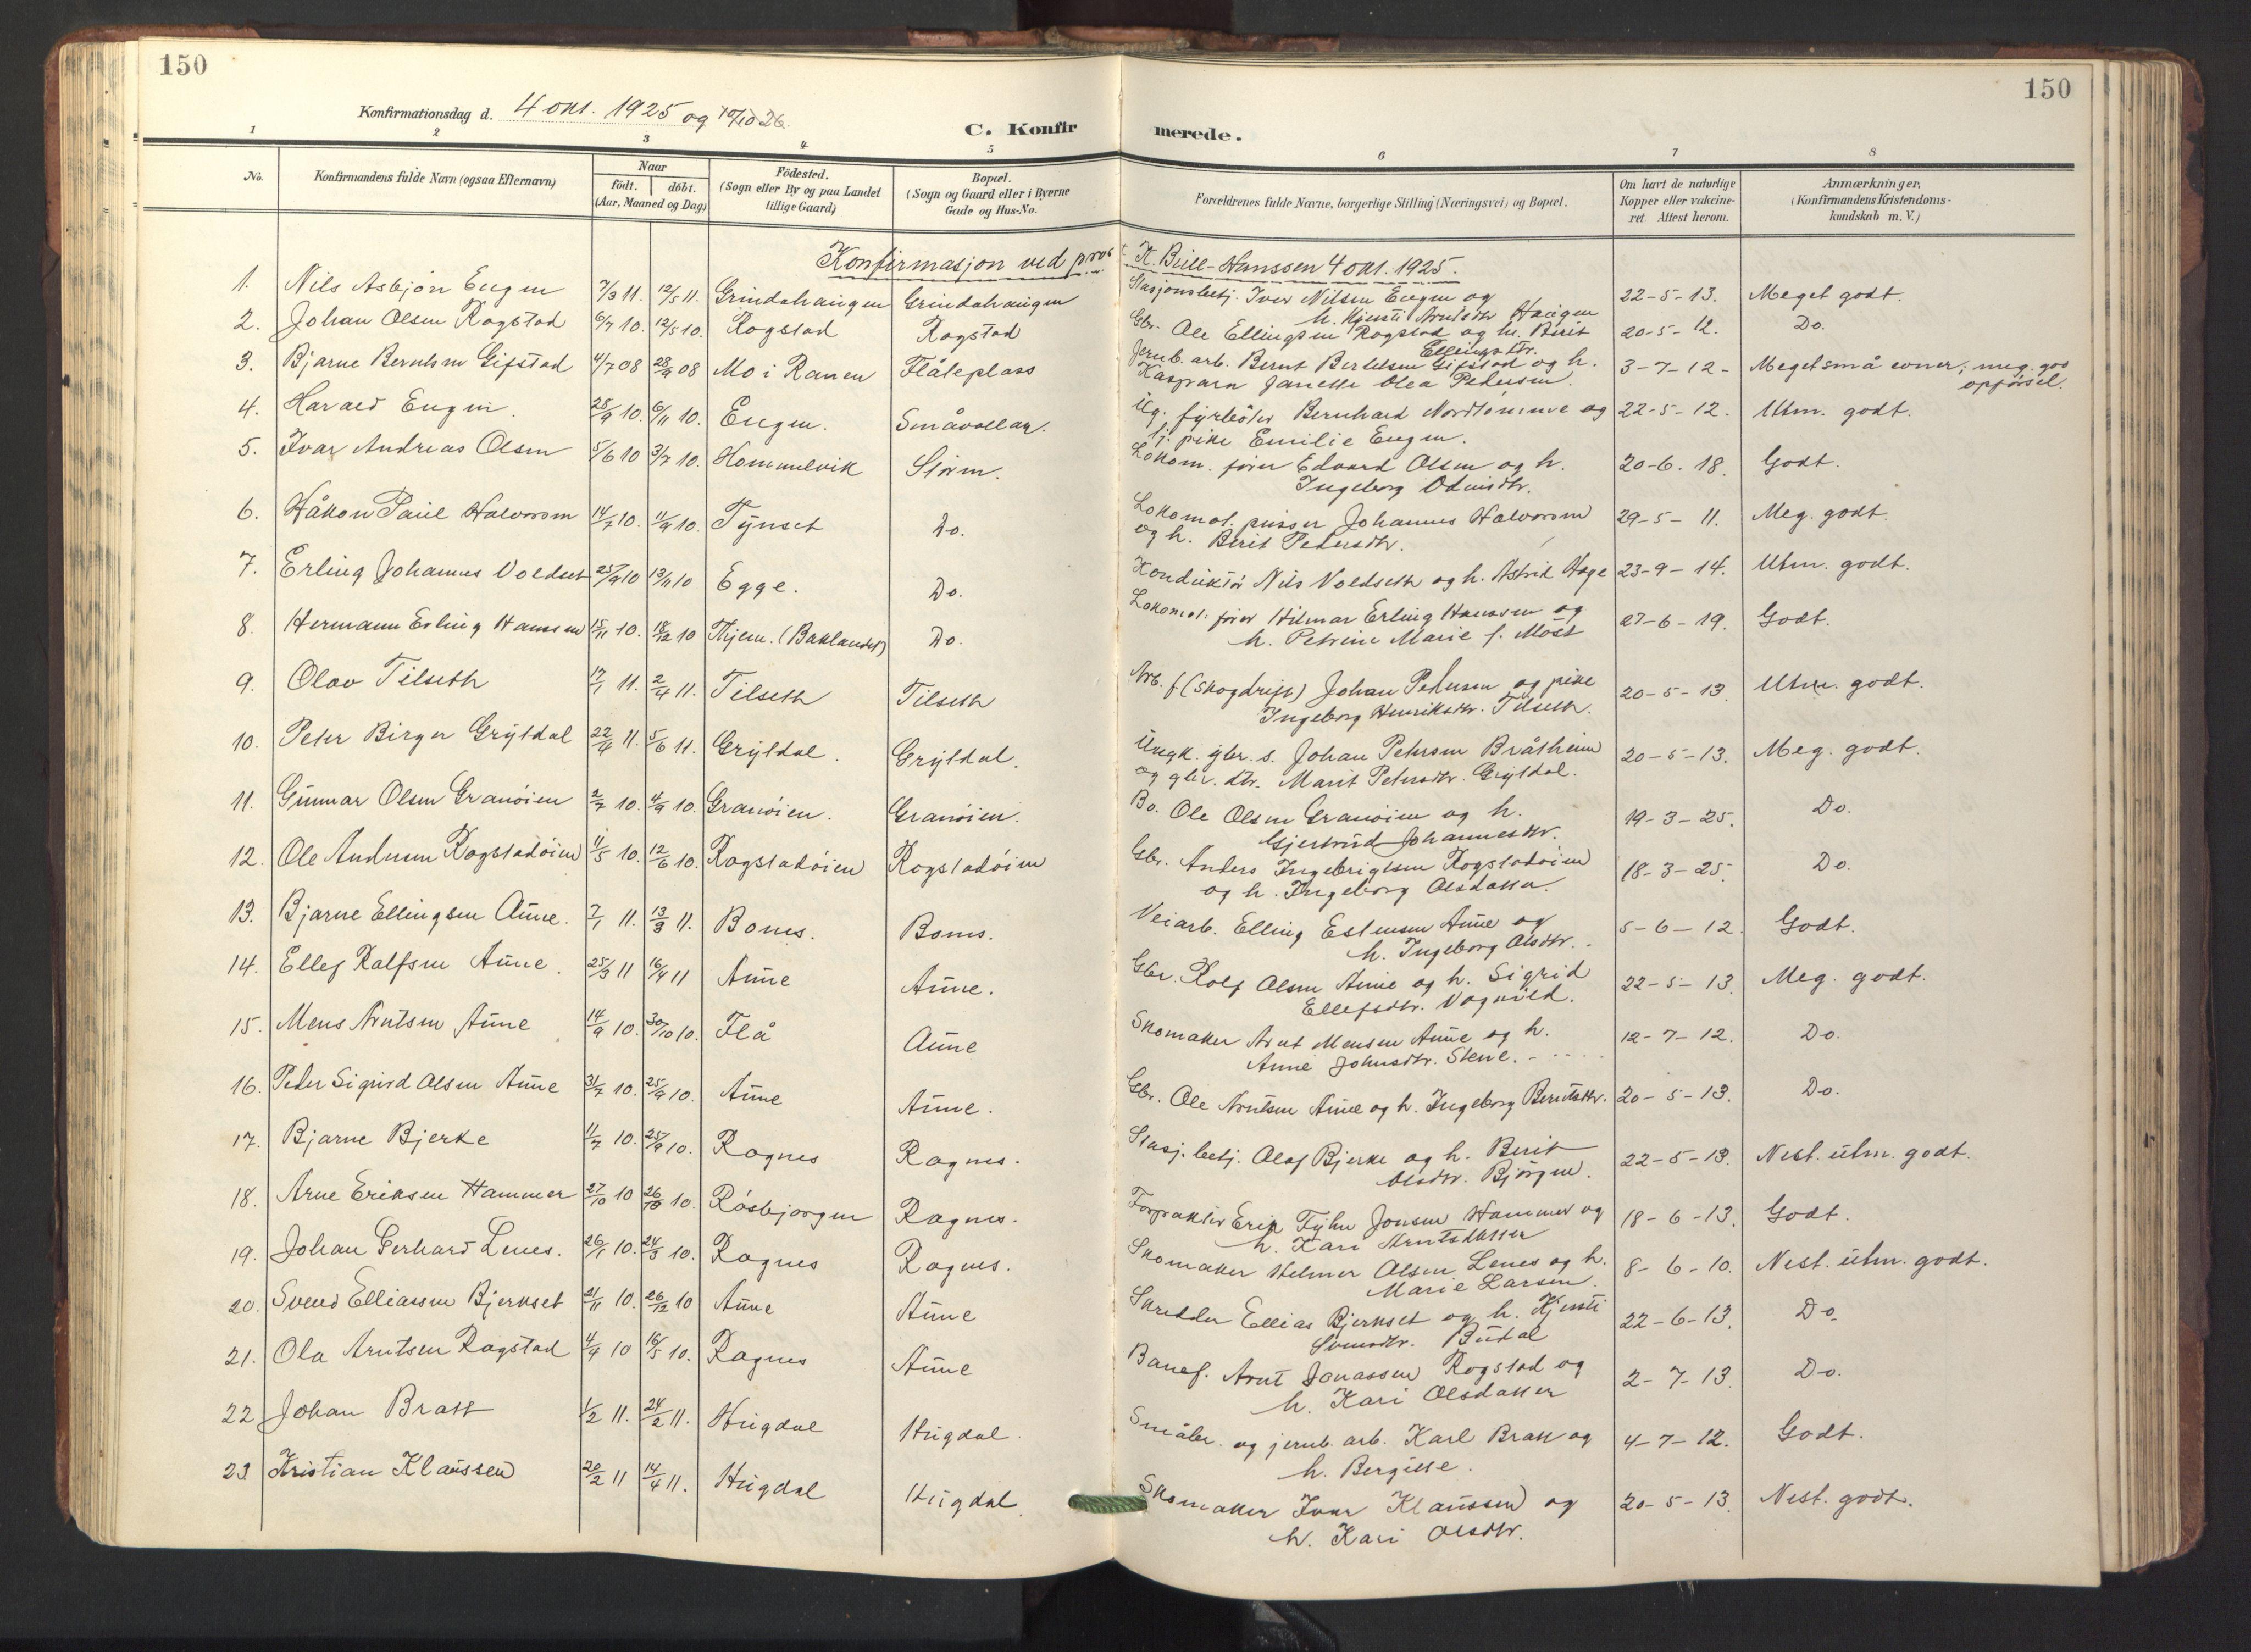 SAT, Ministerialprotokoller, klokkerbøker og fødselsregistre - Sør-Trøndelag, 687/L1019: Klokkerbok nr. 687C03, 1904-1931, s. 150